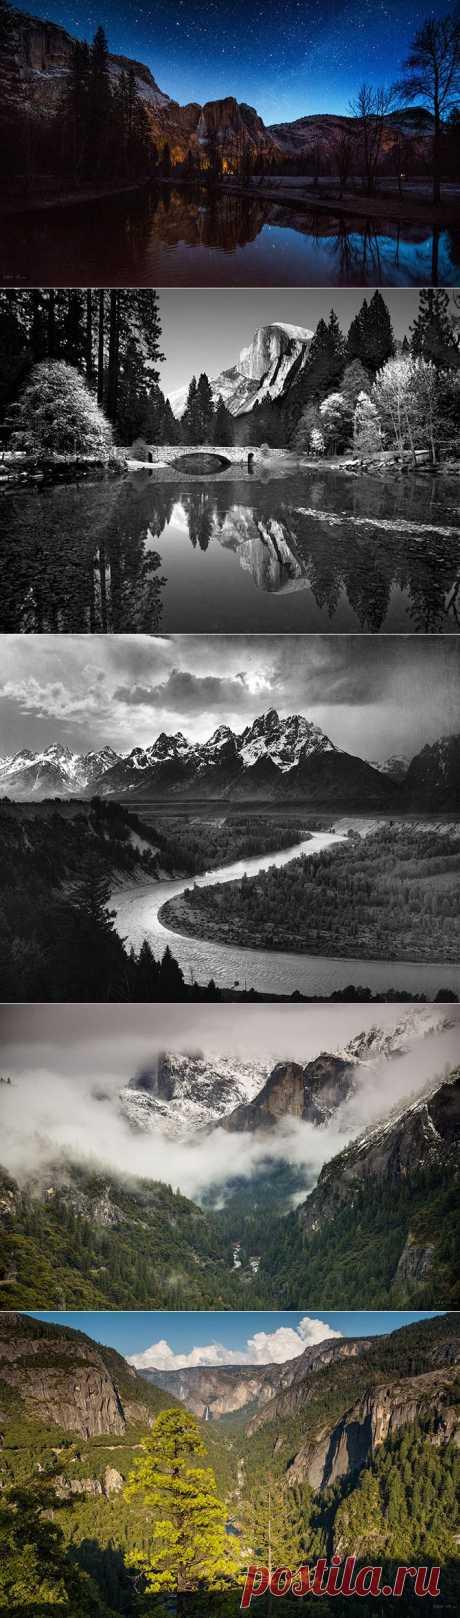 (+1) тема - Национальный парк Йосемити в США | Непутевые заметки